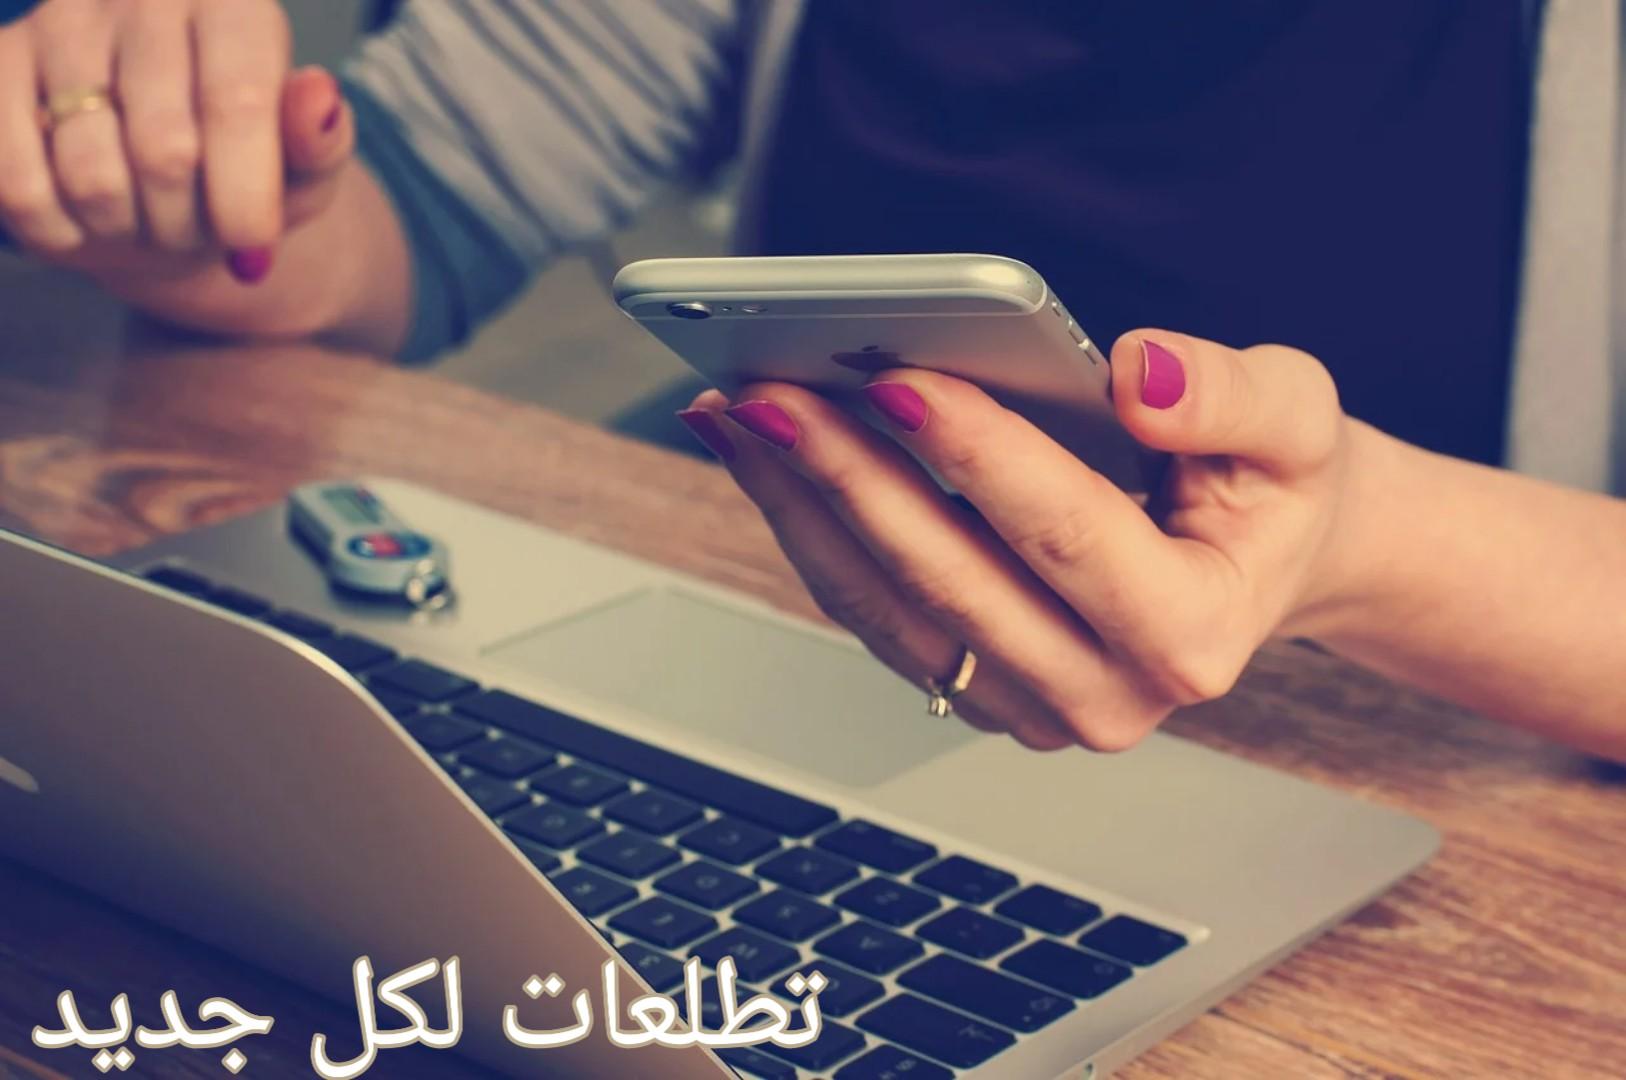 12 موقع فريلانسر عربي وعالمي عليك معرفتها لبدء العمل المستقل